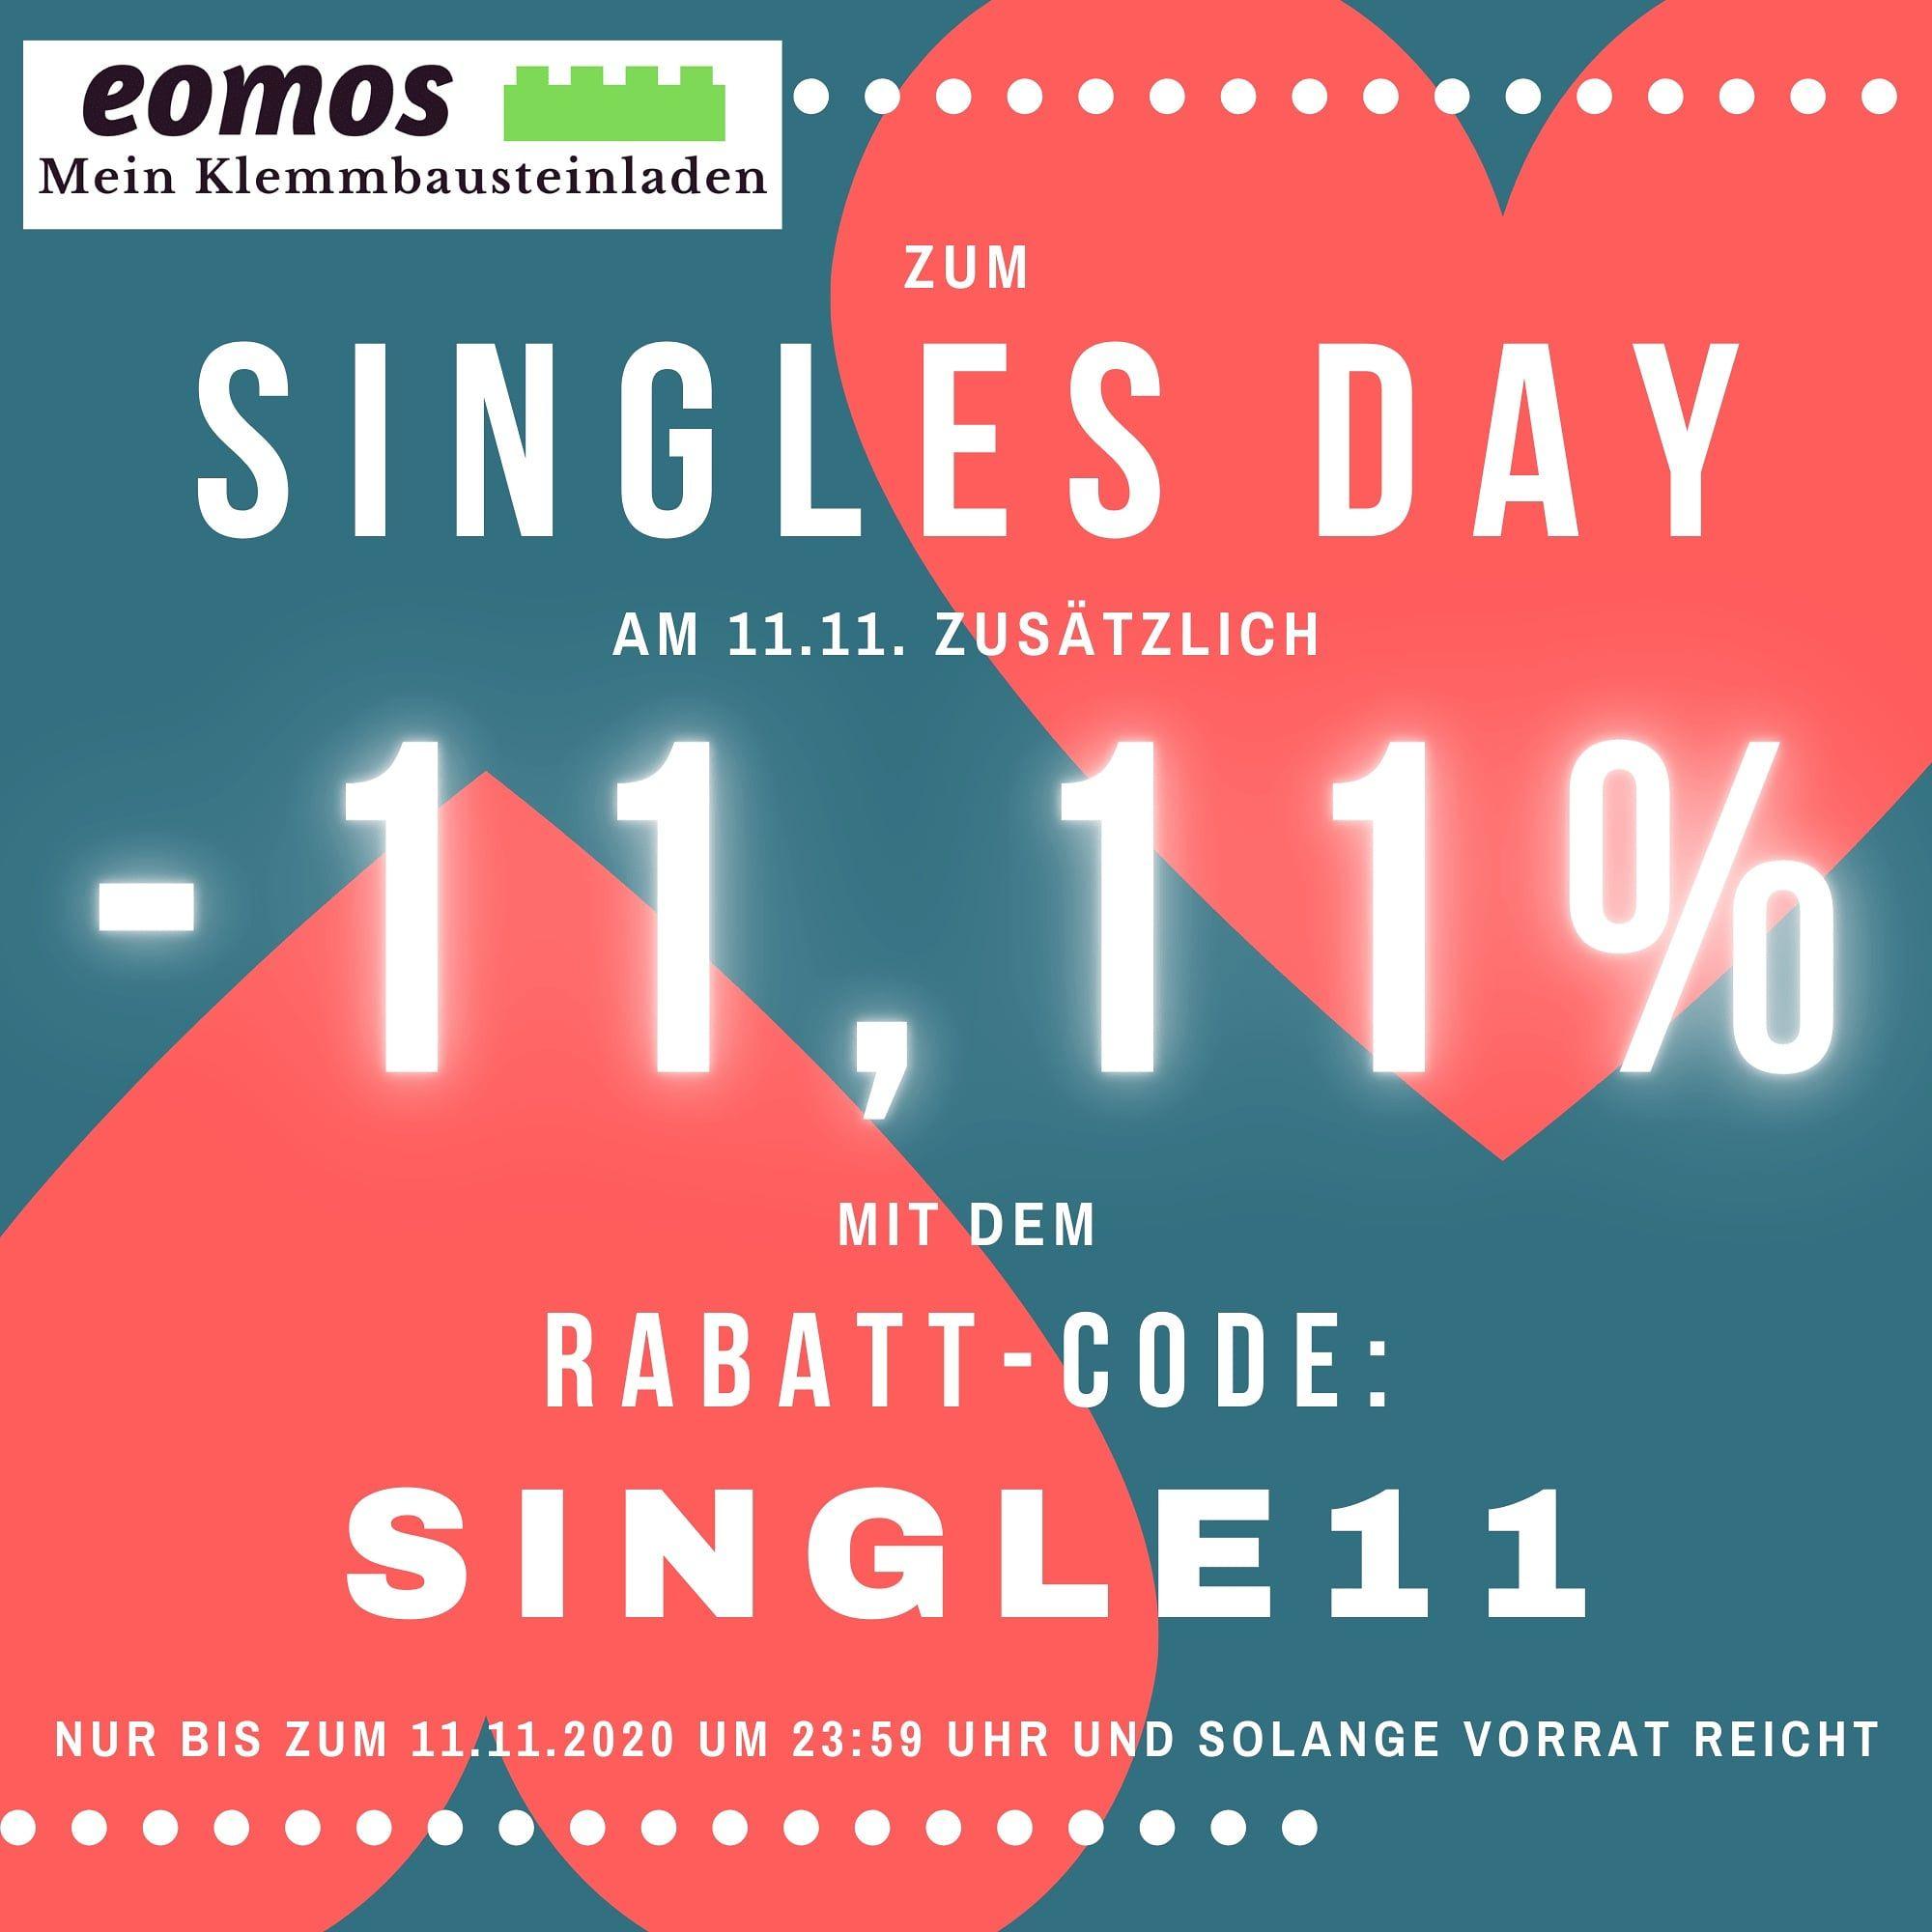 -11,11% Rabatt zum Singles Day bei eomos Mein Klemmbausteinladen